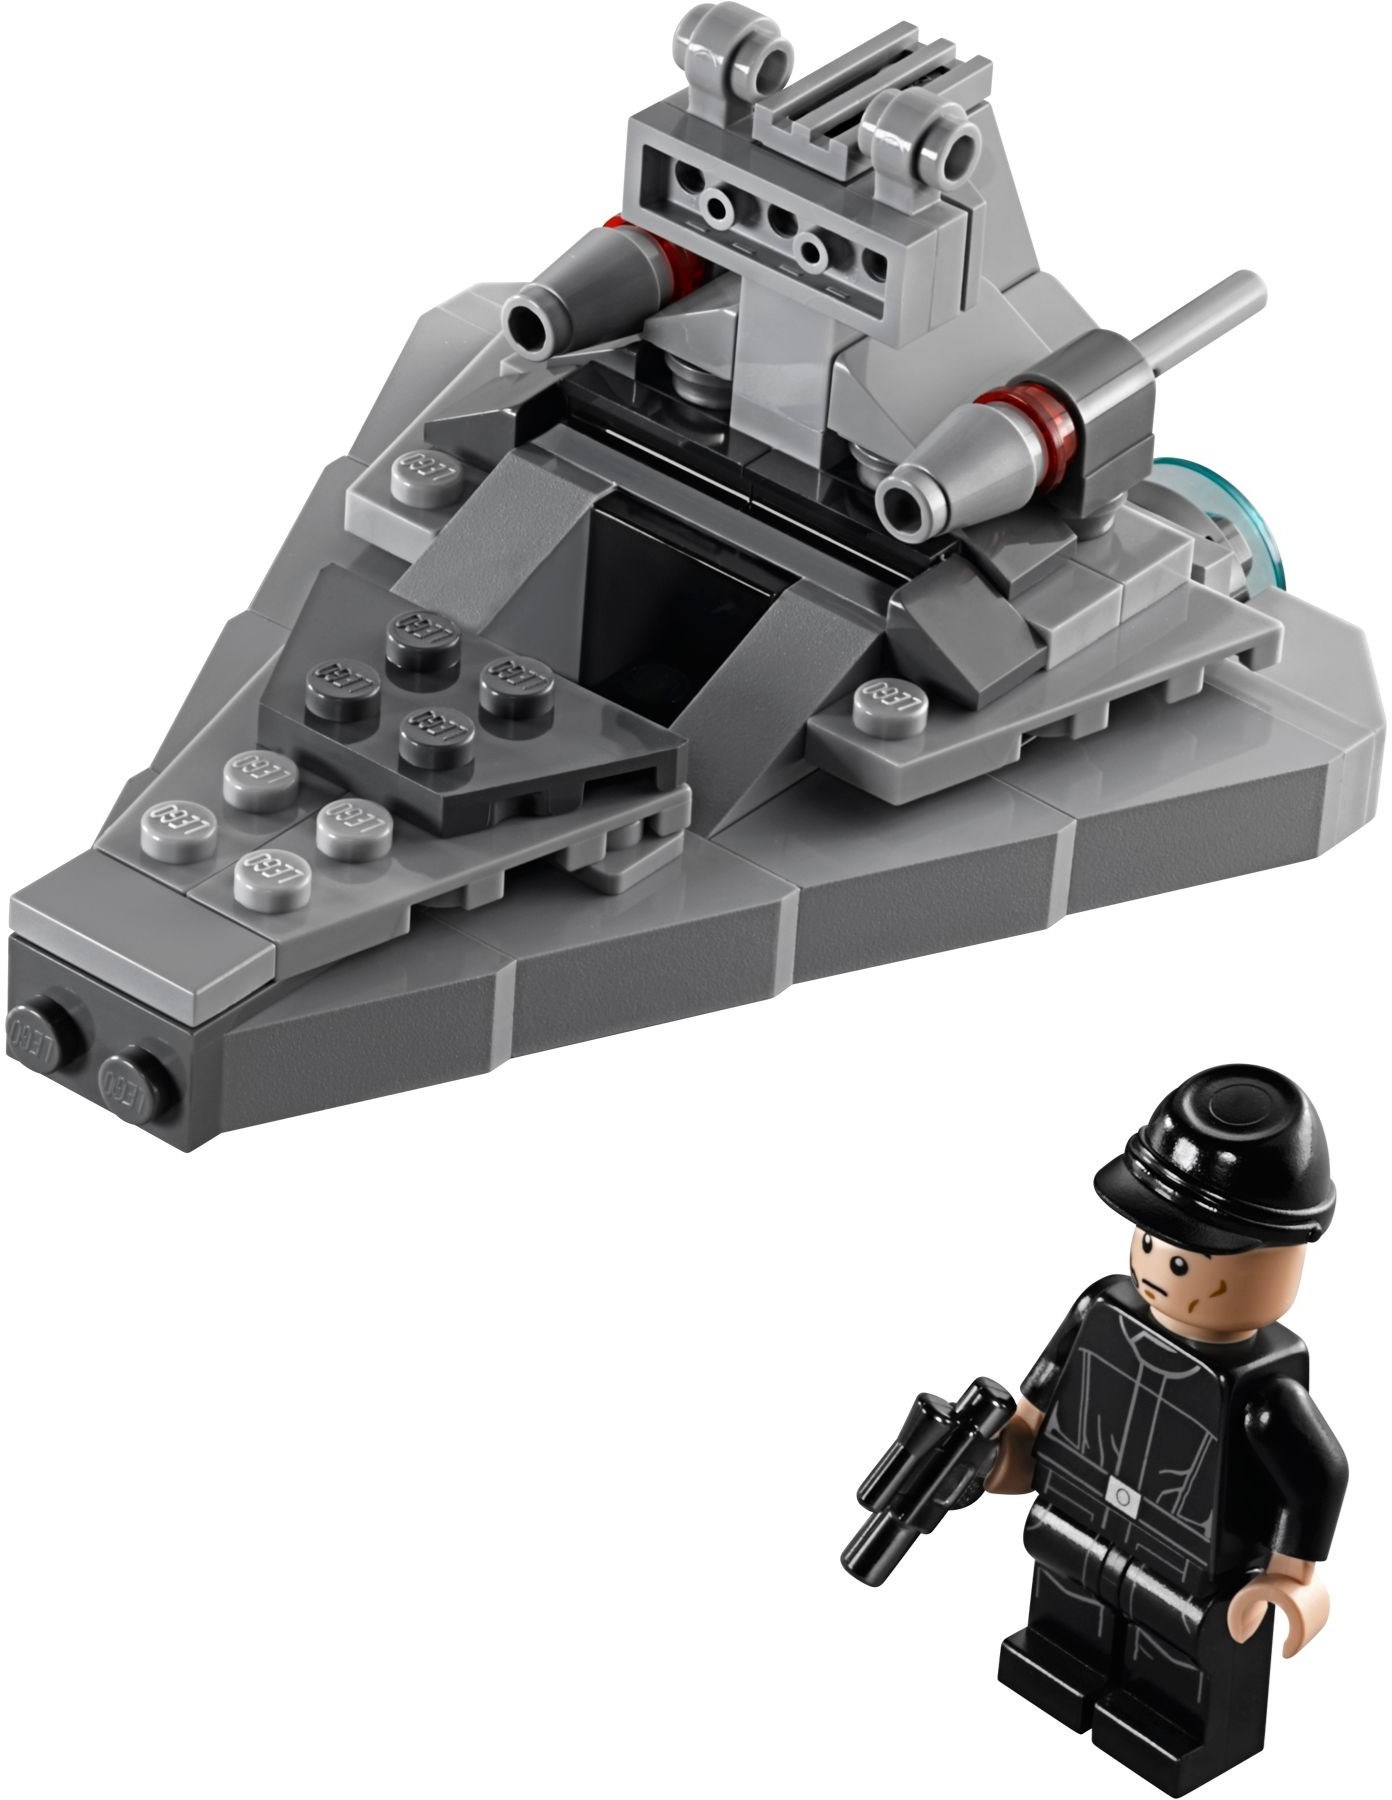 Do choi Lego 75033 - Ke huy diet hanh tinh